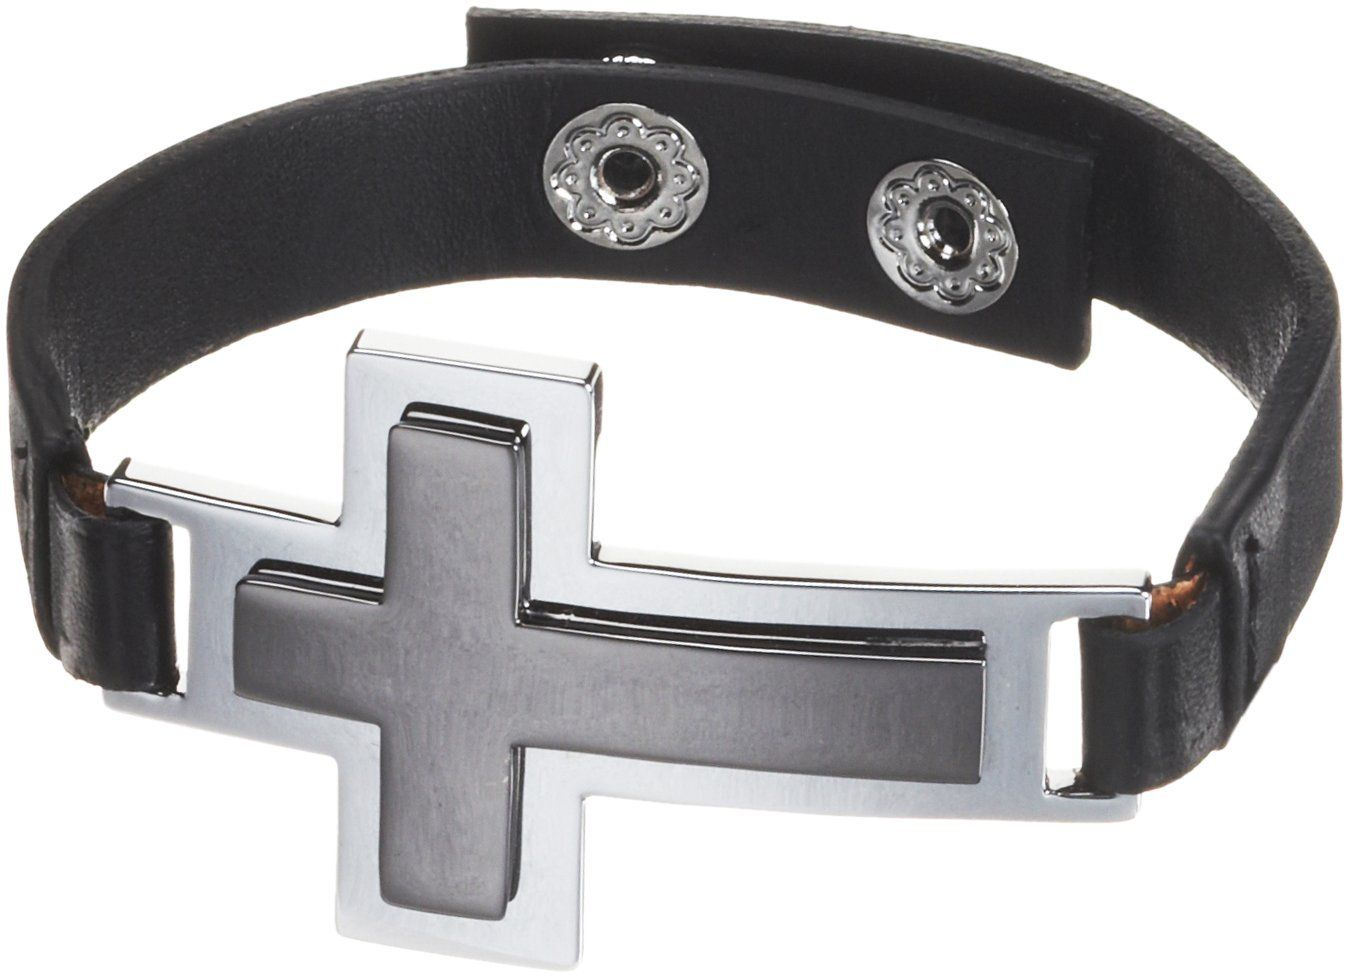 479fe21c7d2d0 Guess Men's Bracelet, (jewelry, men, bracelets, emergency alert ...